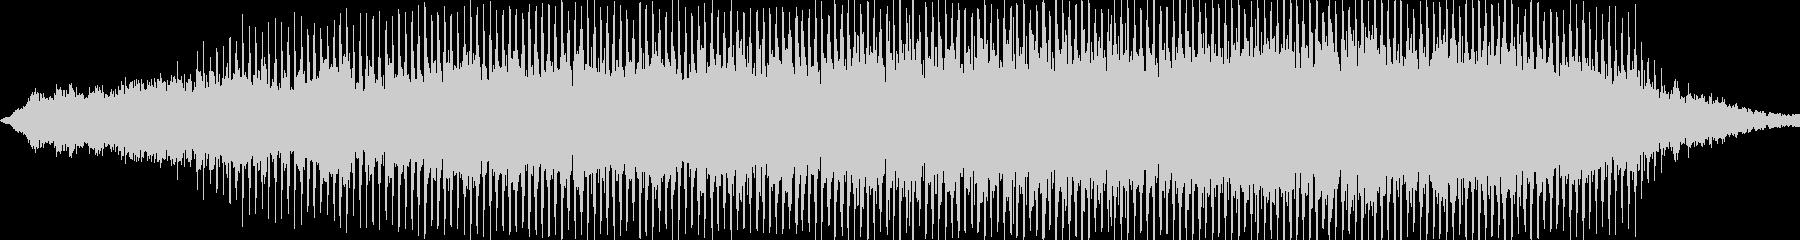 ダークで勢いのあるメロディーの未再生の波形